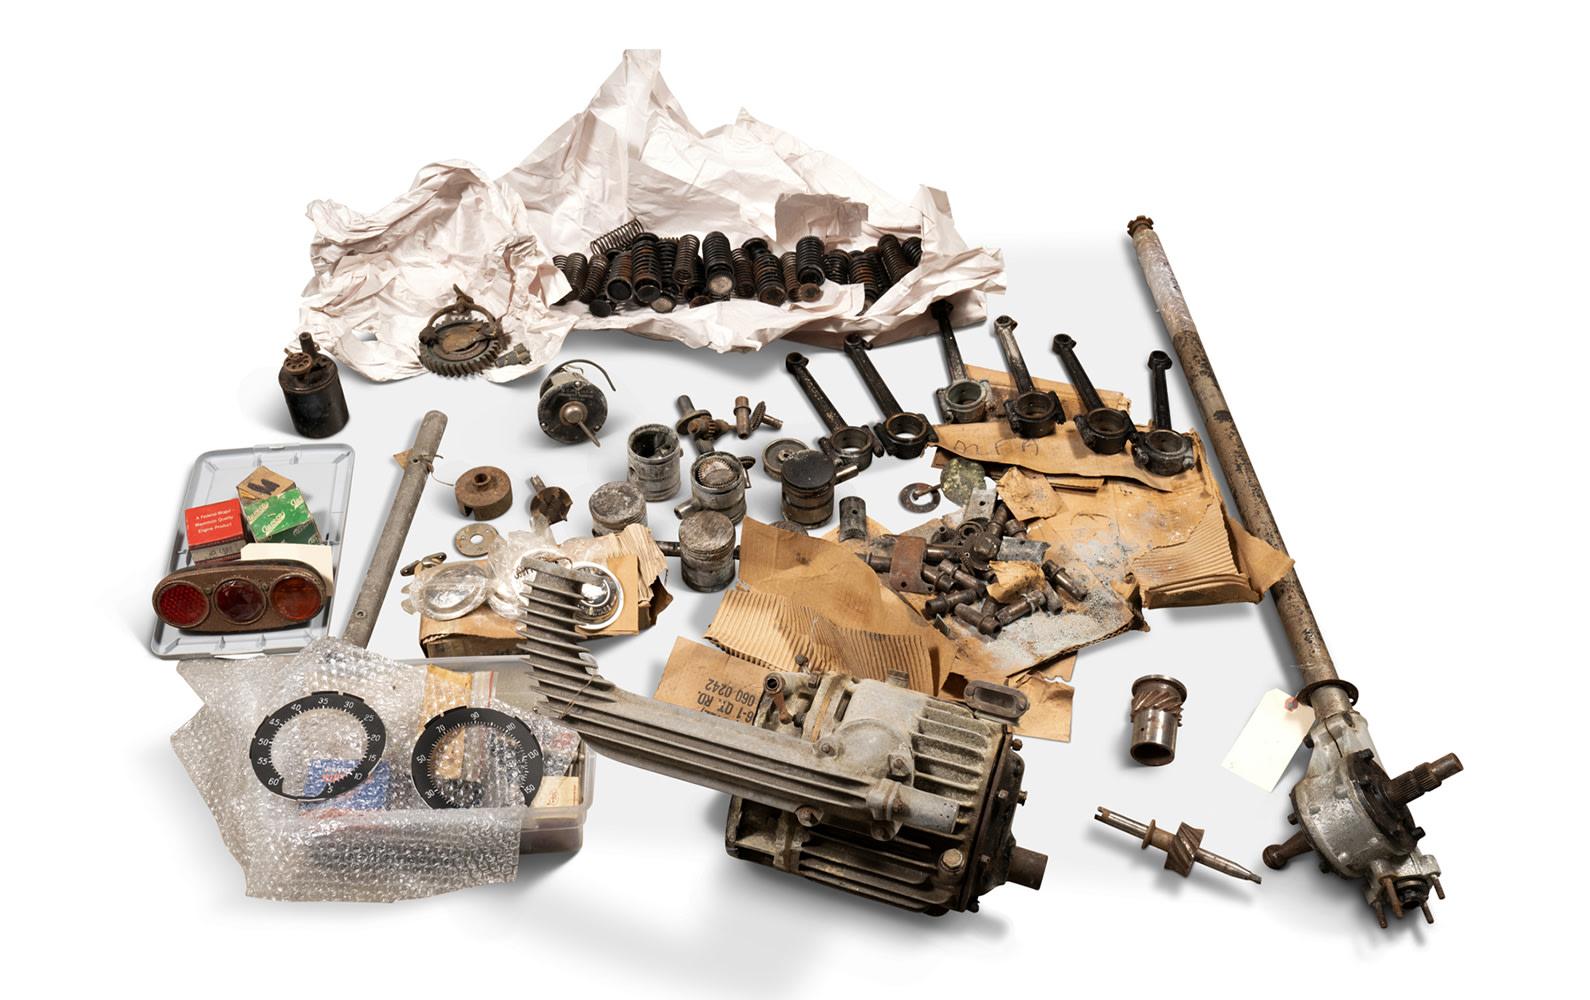 Prod/O21E - Phil Hill C 2021/C0124_Alfa Romeo 1750 and 1930s-era Related Parts/C0124_Alfa_Romeo_1750_Related_Parts_4_akmtet